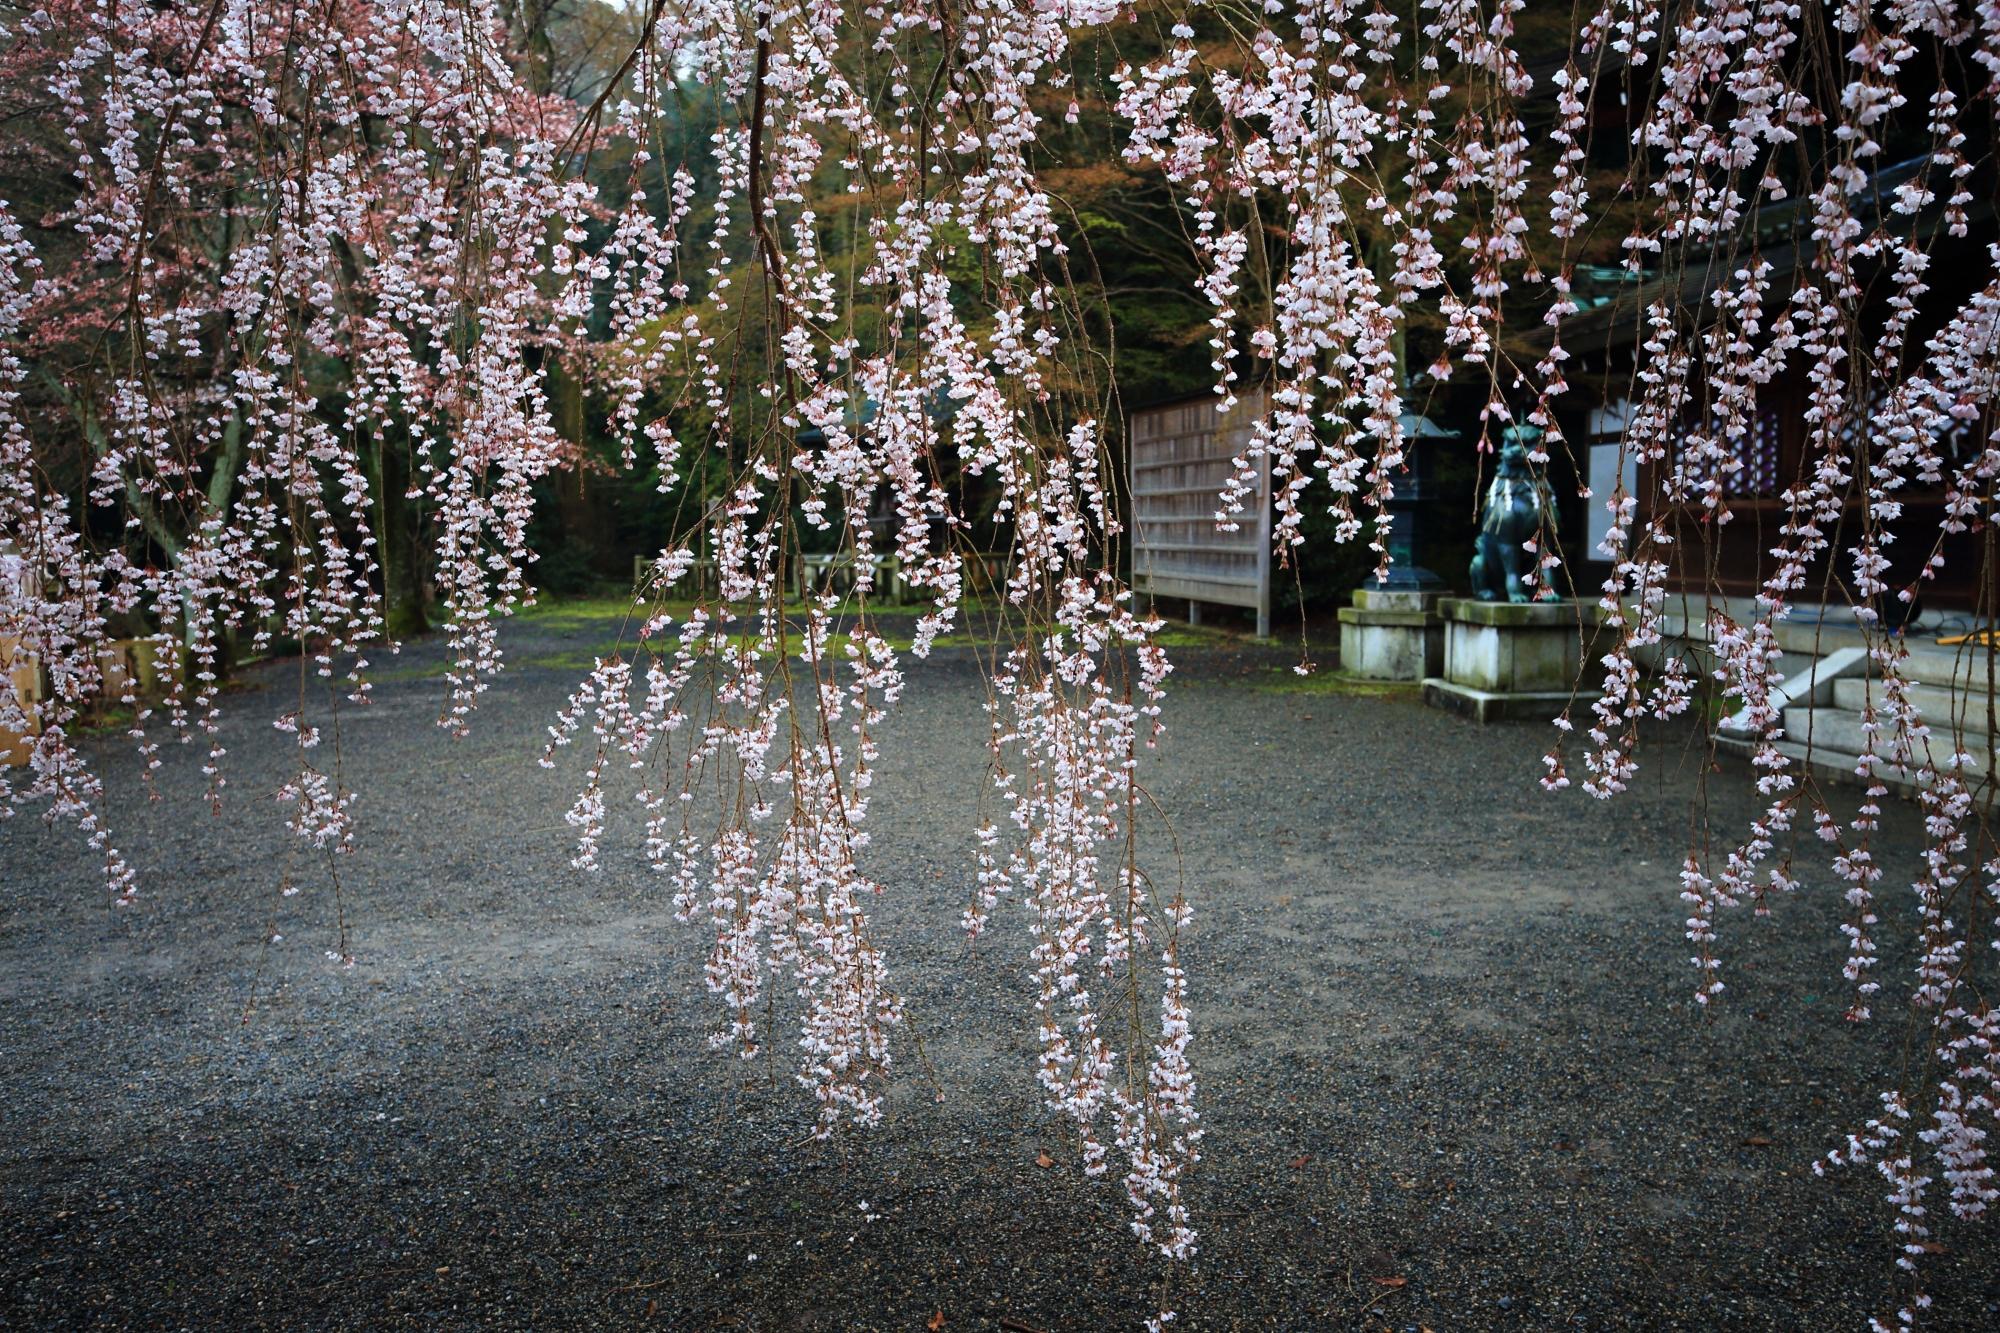 風に揺らぐしなやかなしだれ桜